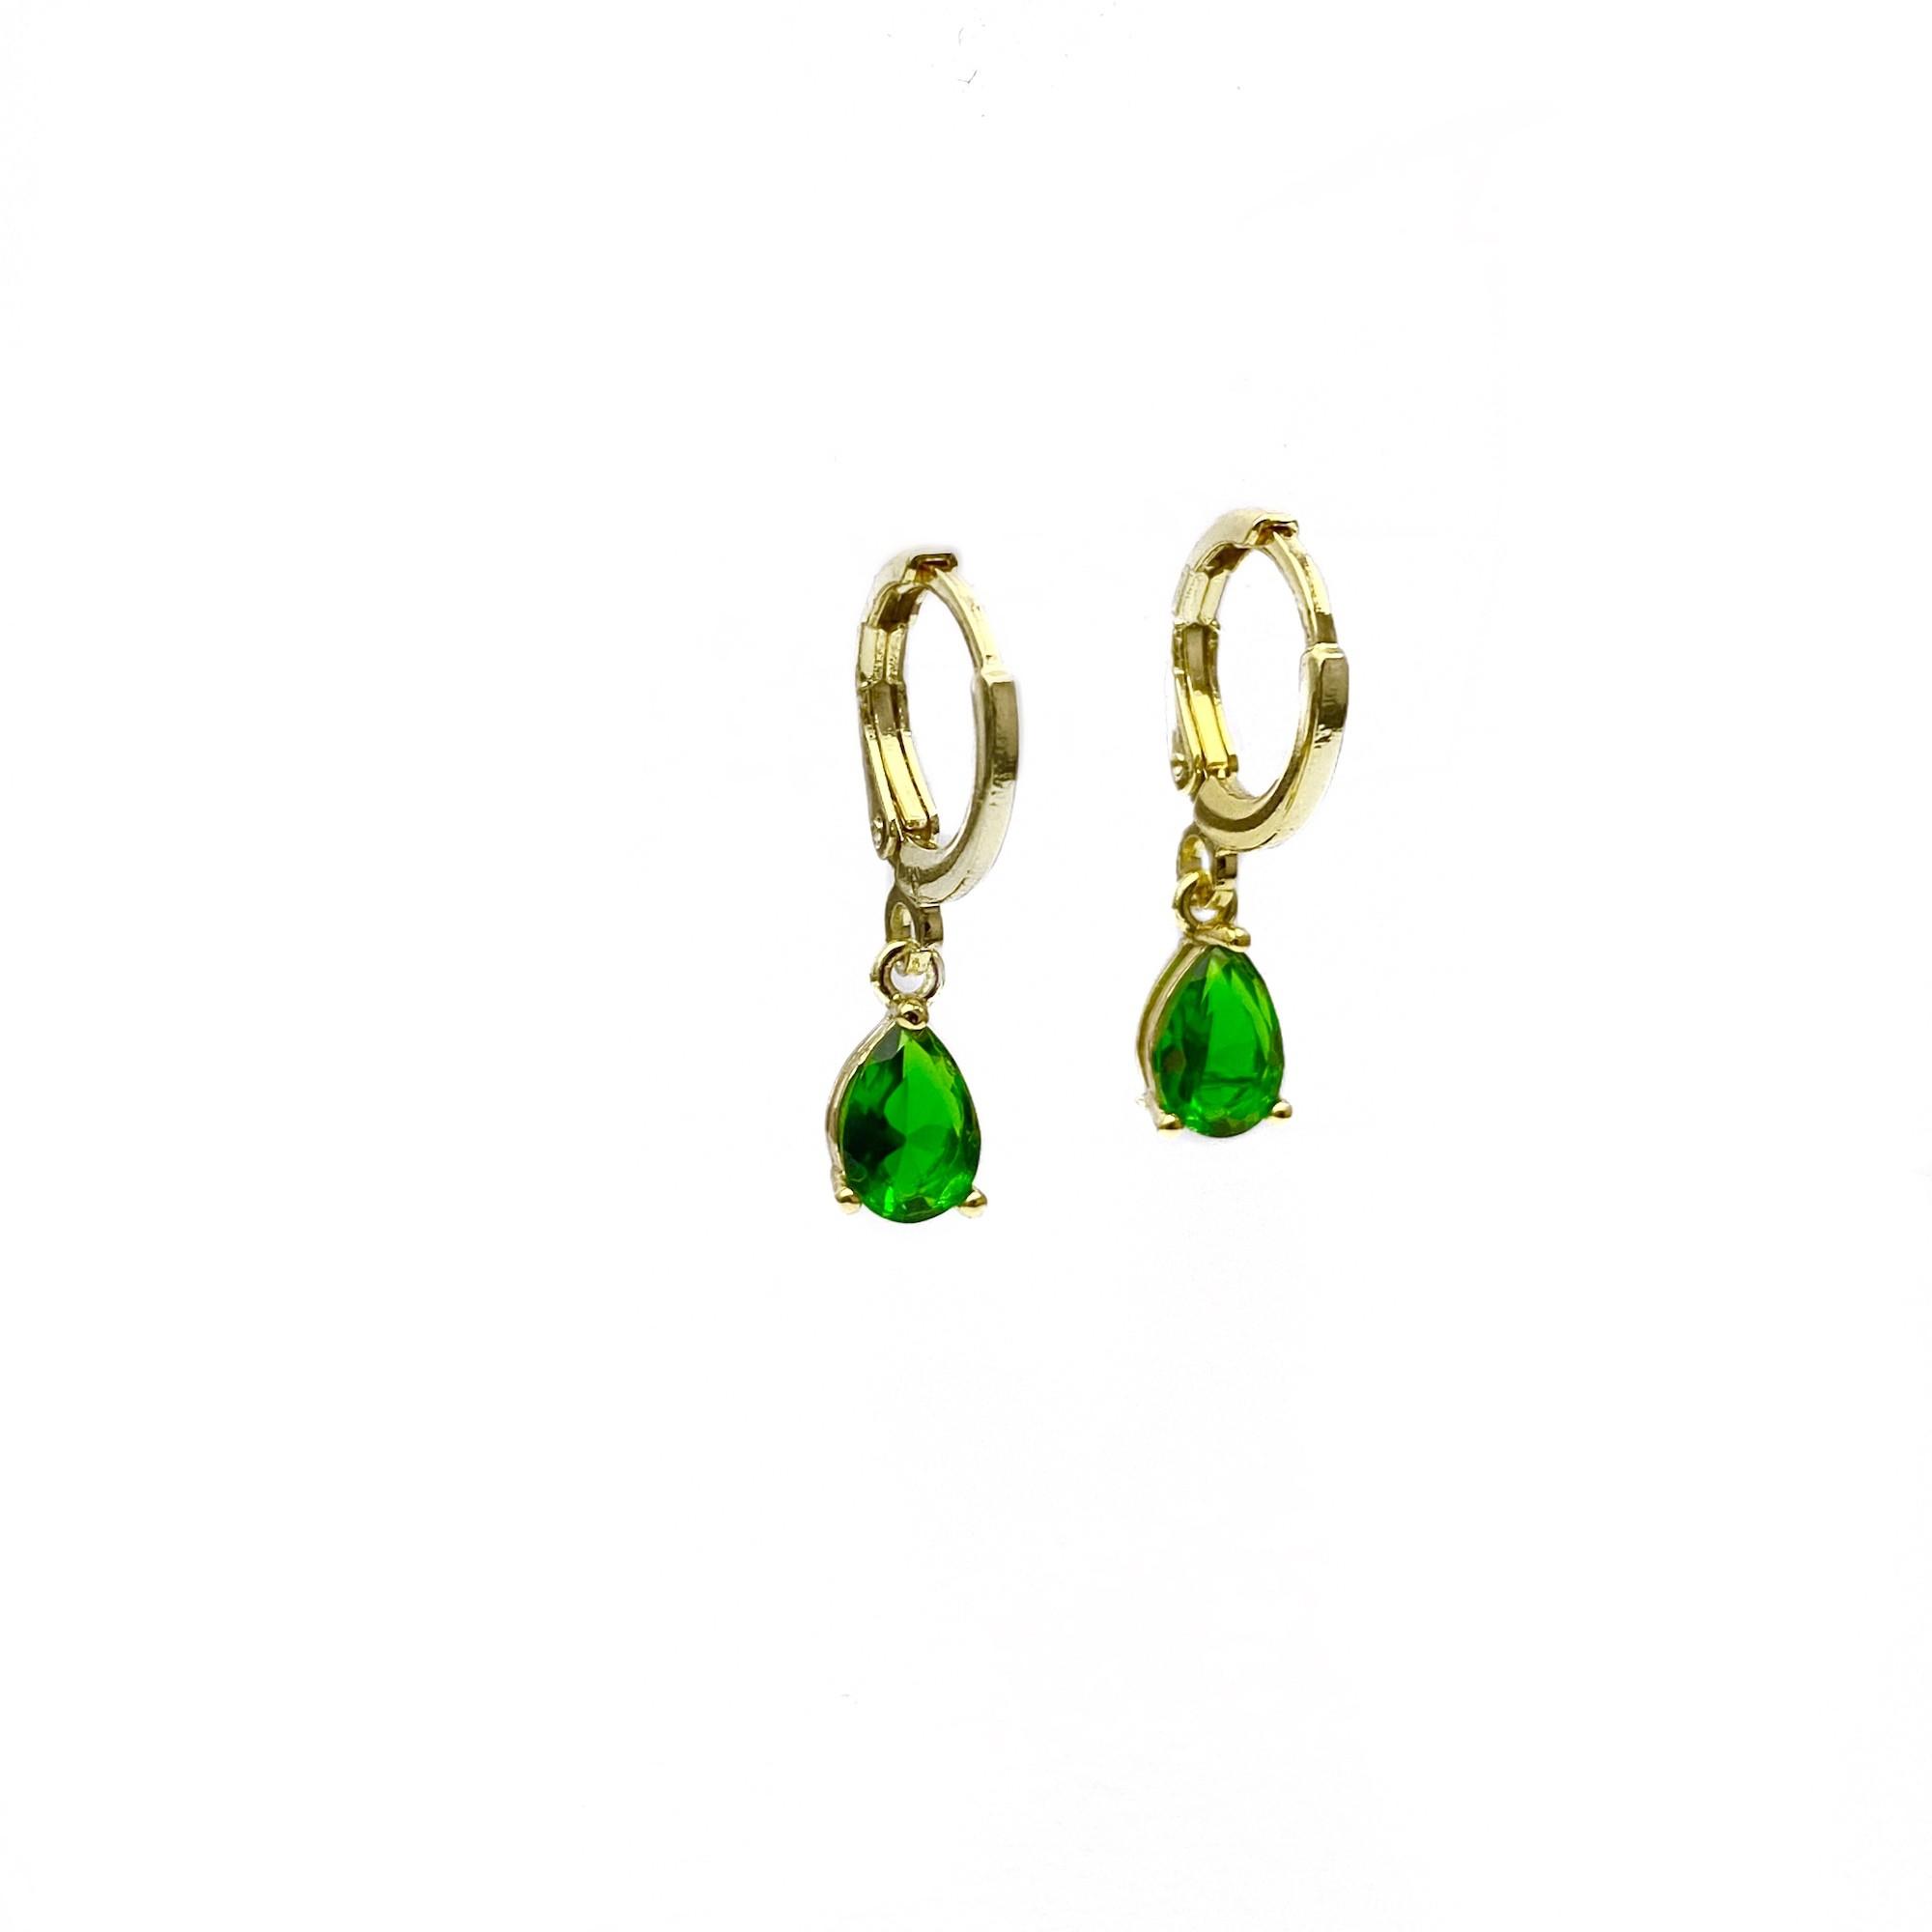 Brinco Argola Pedra Verde GDO (Banho Ouro 18k)